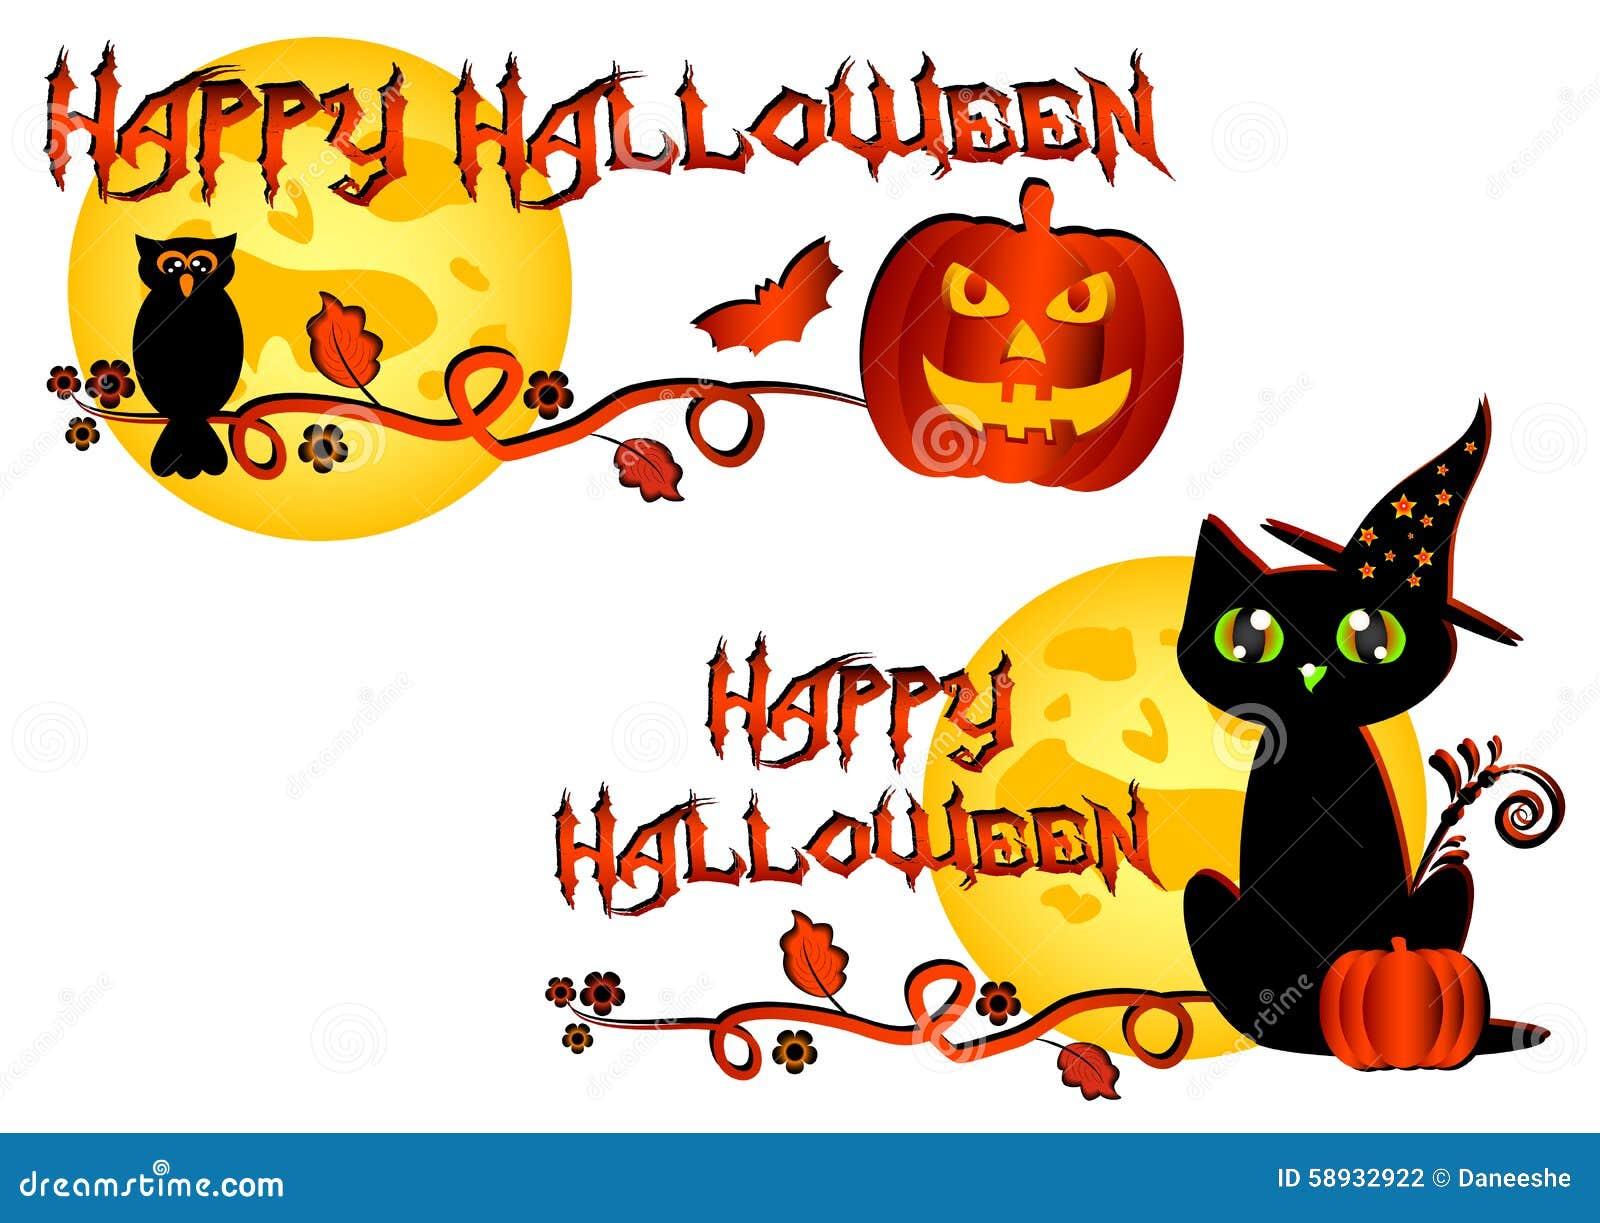 logo coloré pour des cartes et salutations sur le thème de halloween